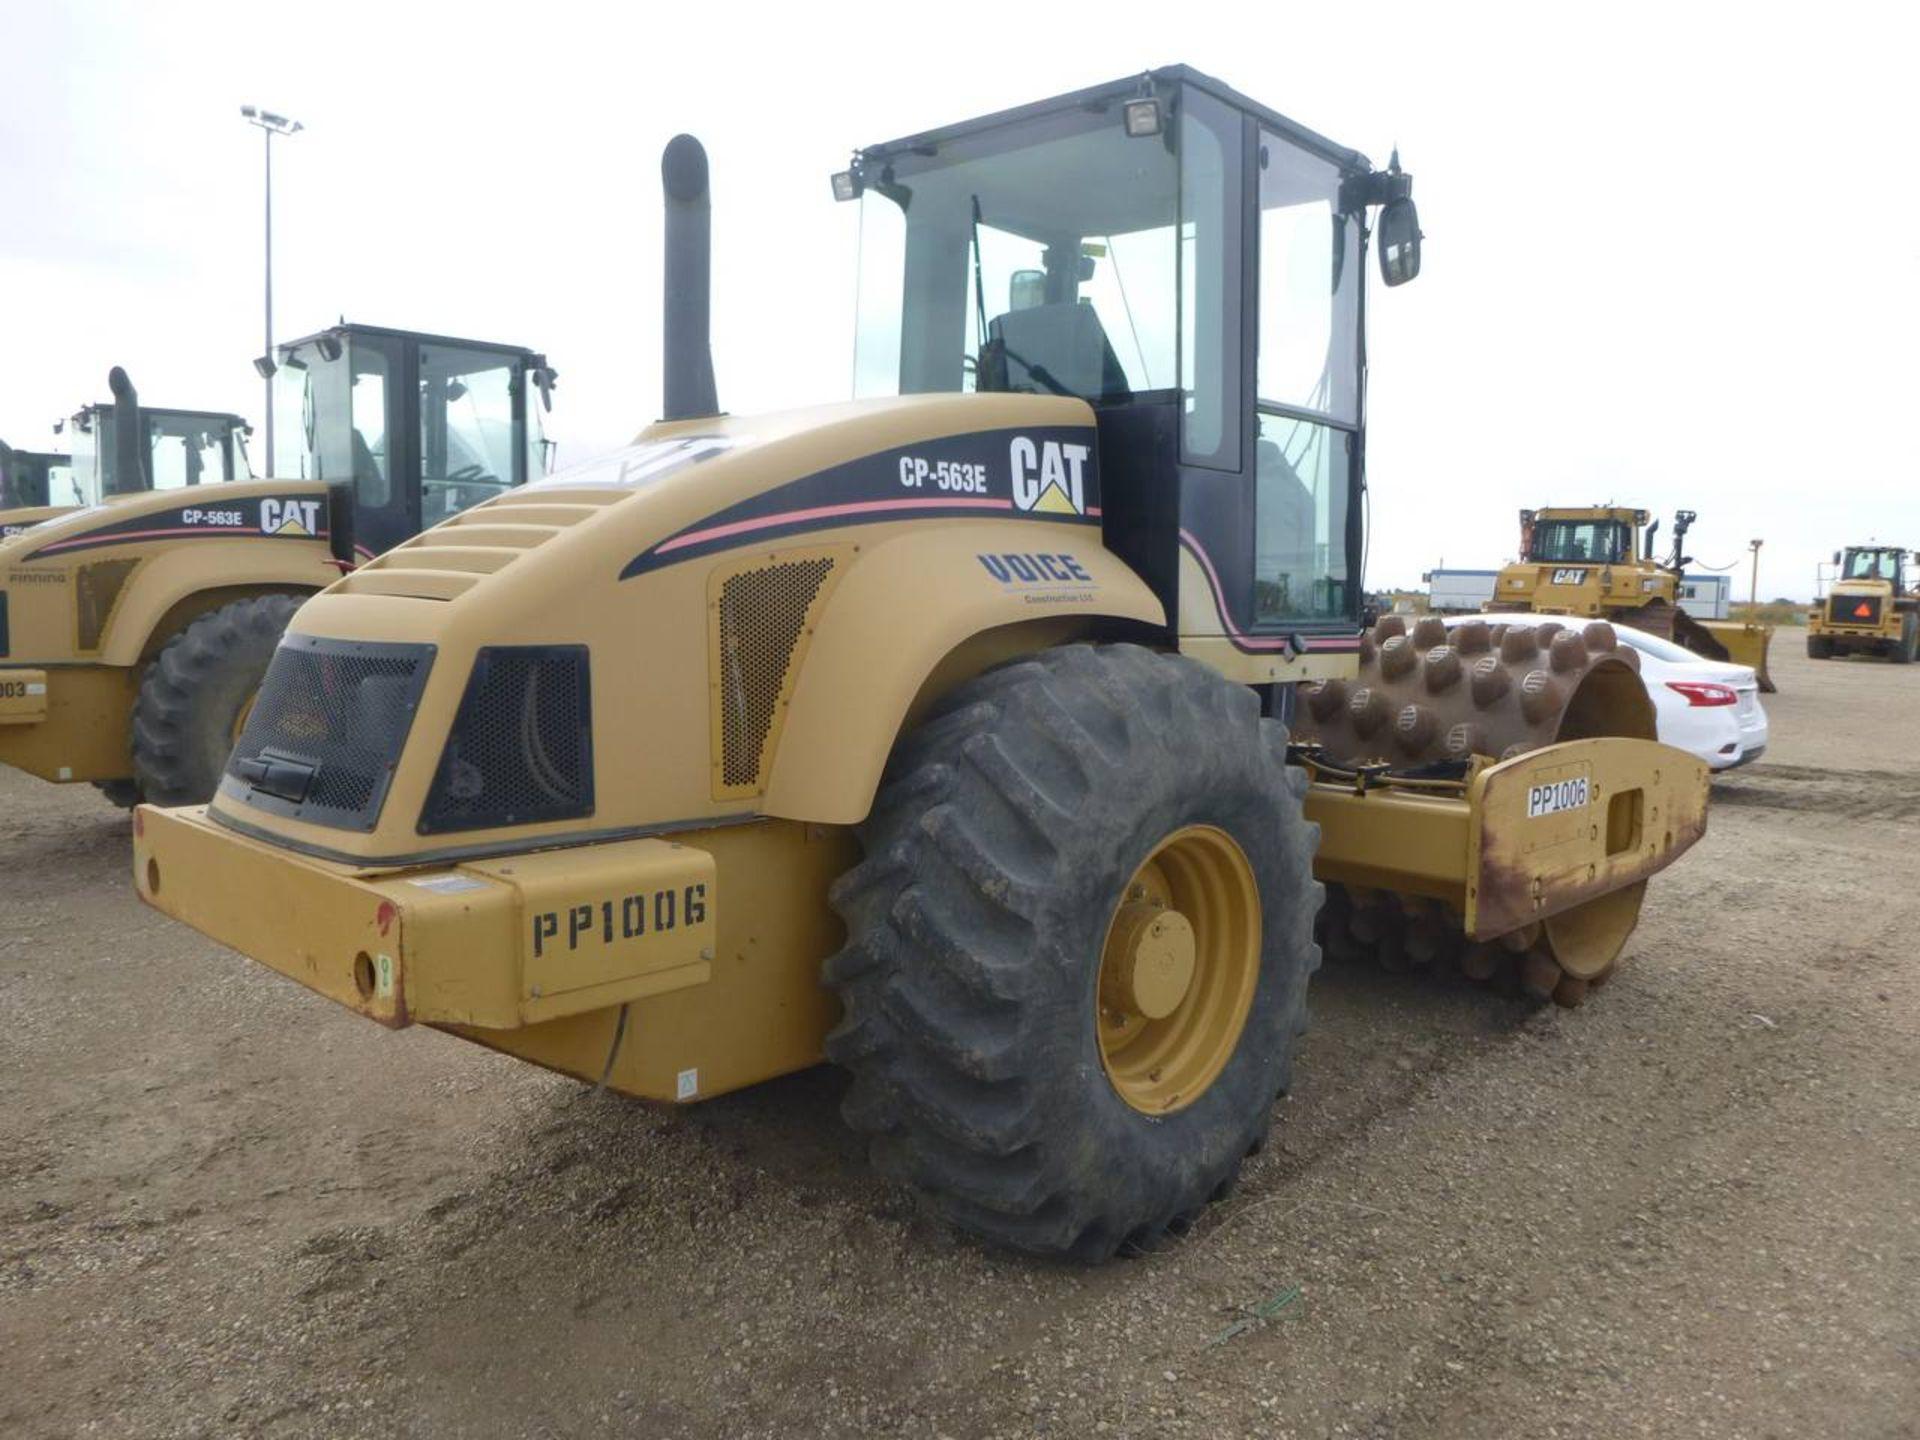 2007 Caterpillar CP-563E Compactor - Image 3 of 9